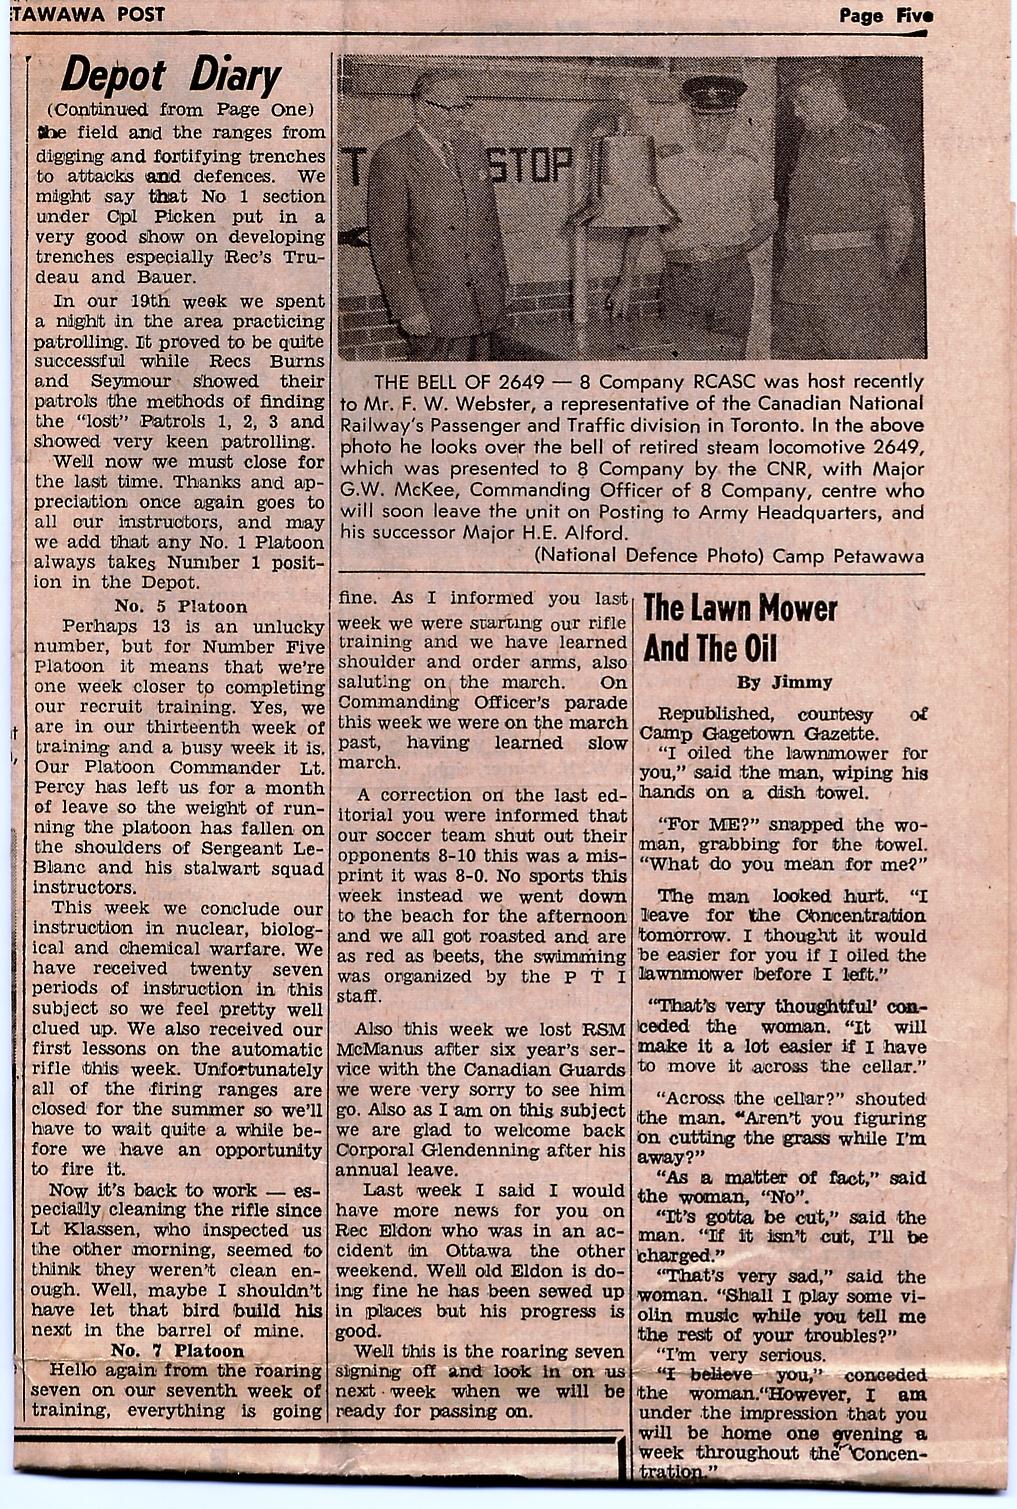 30_RSM McManus-Camp Petawawa Post-Wed 12 Jul 1961 - Pg 5b